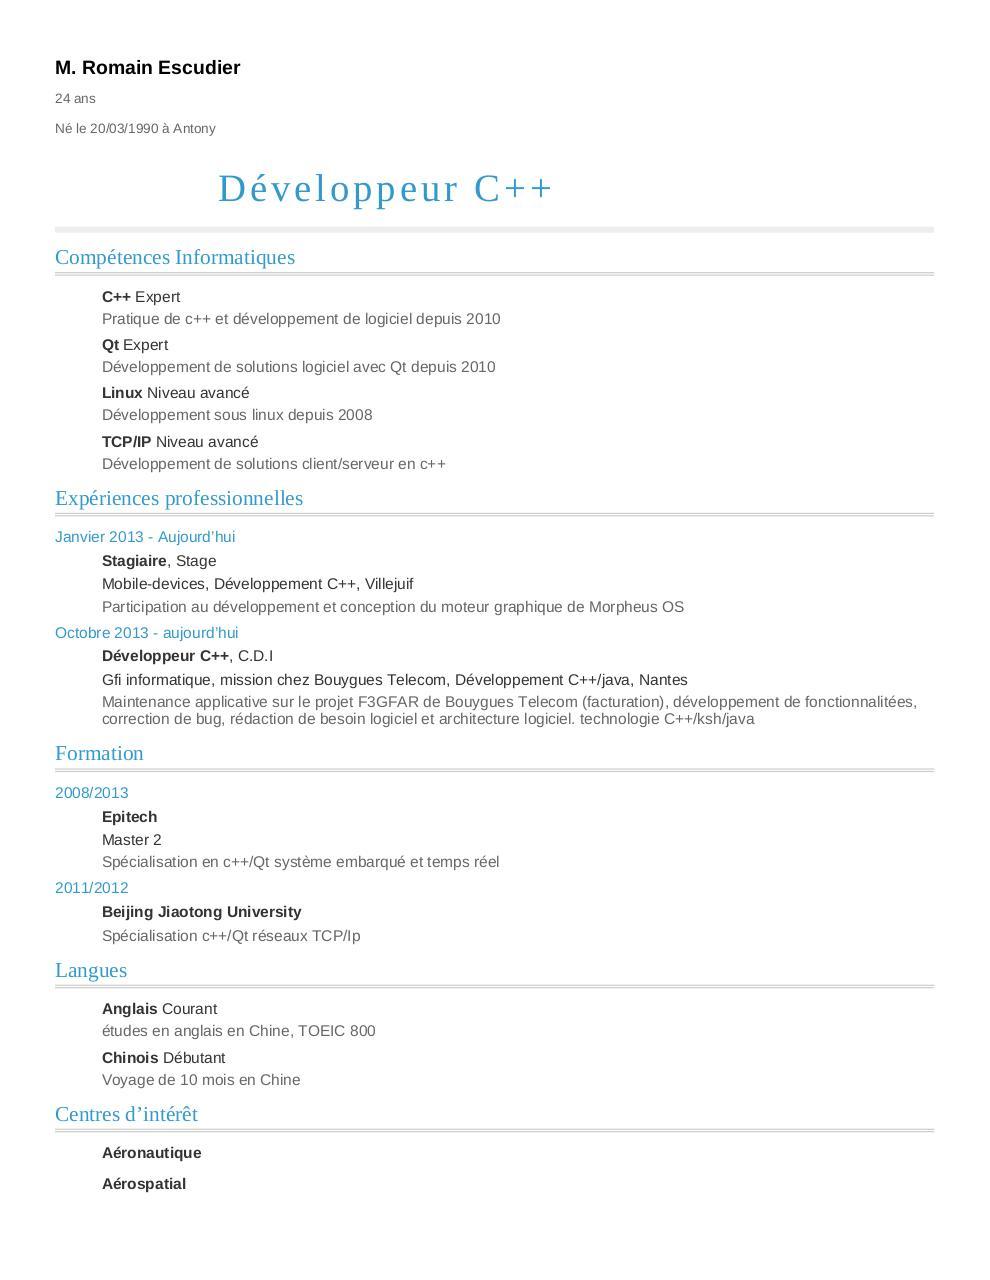 cv de romain escudier au format a4 - cv pdf